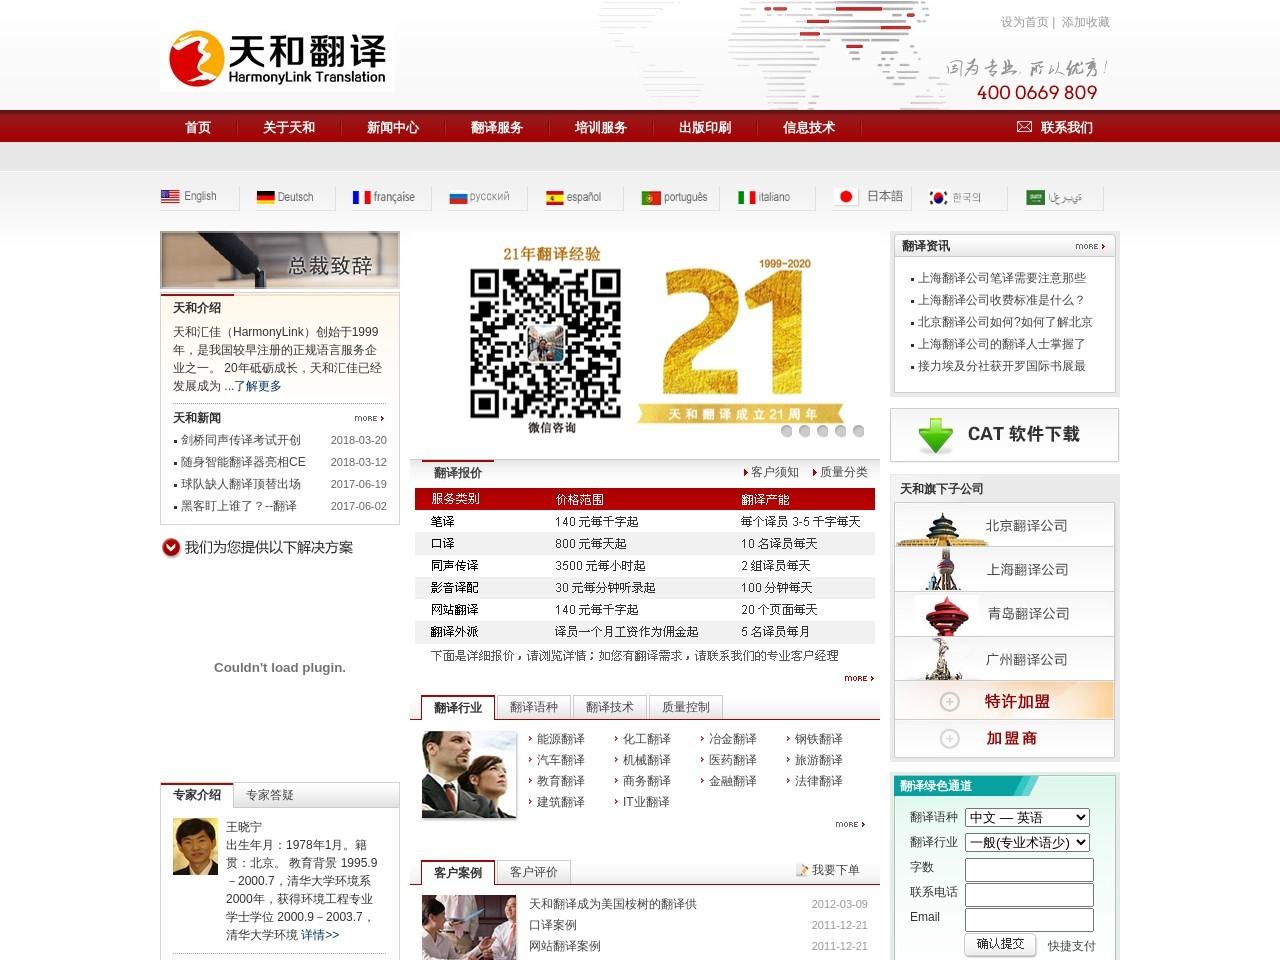 上海翻译公司截图